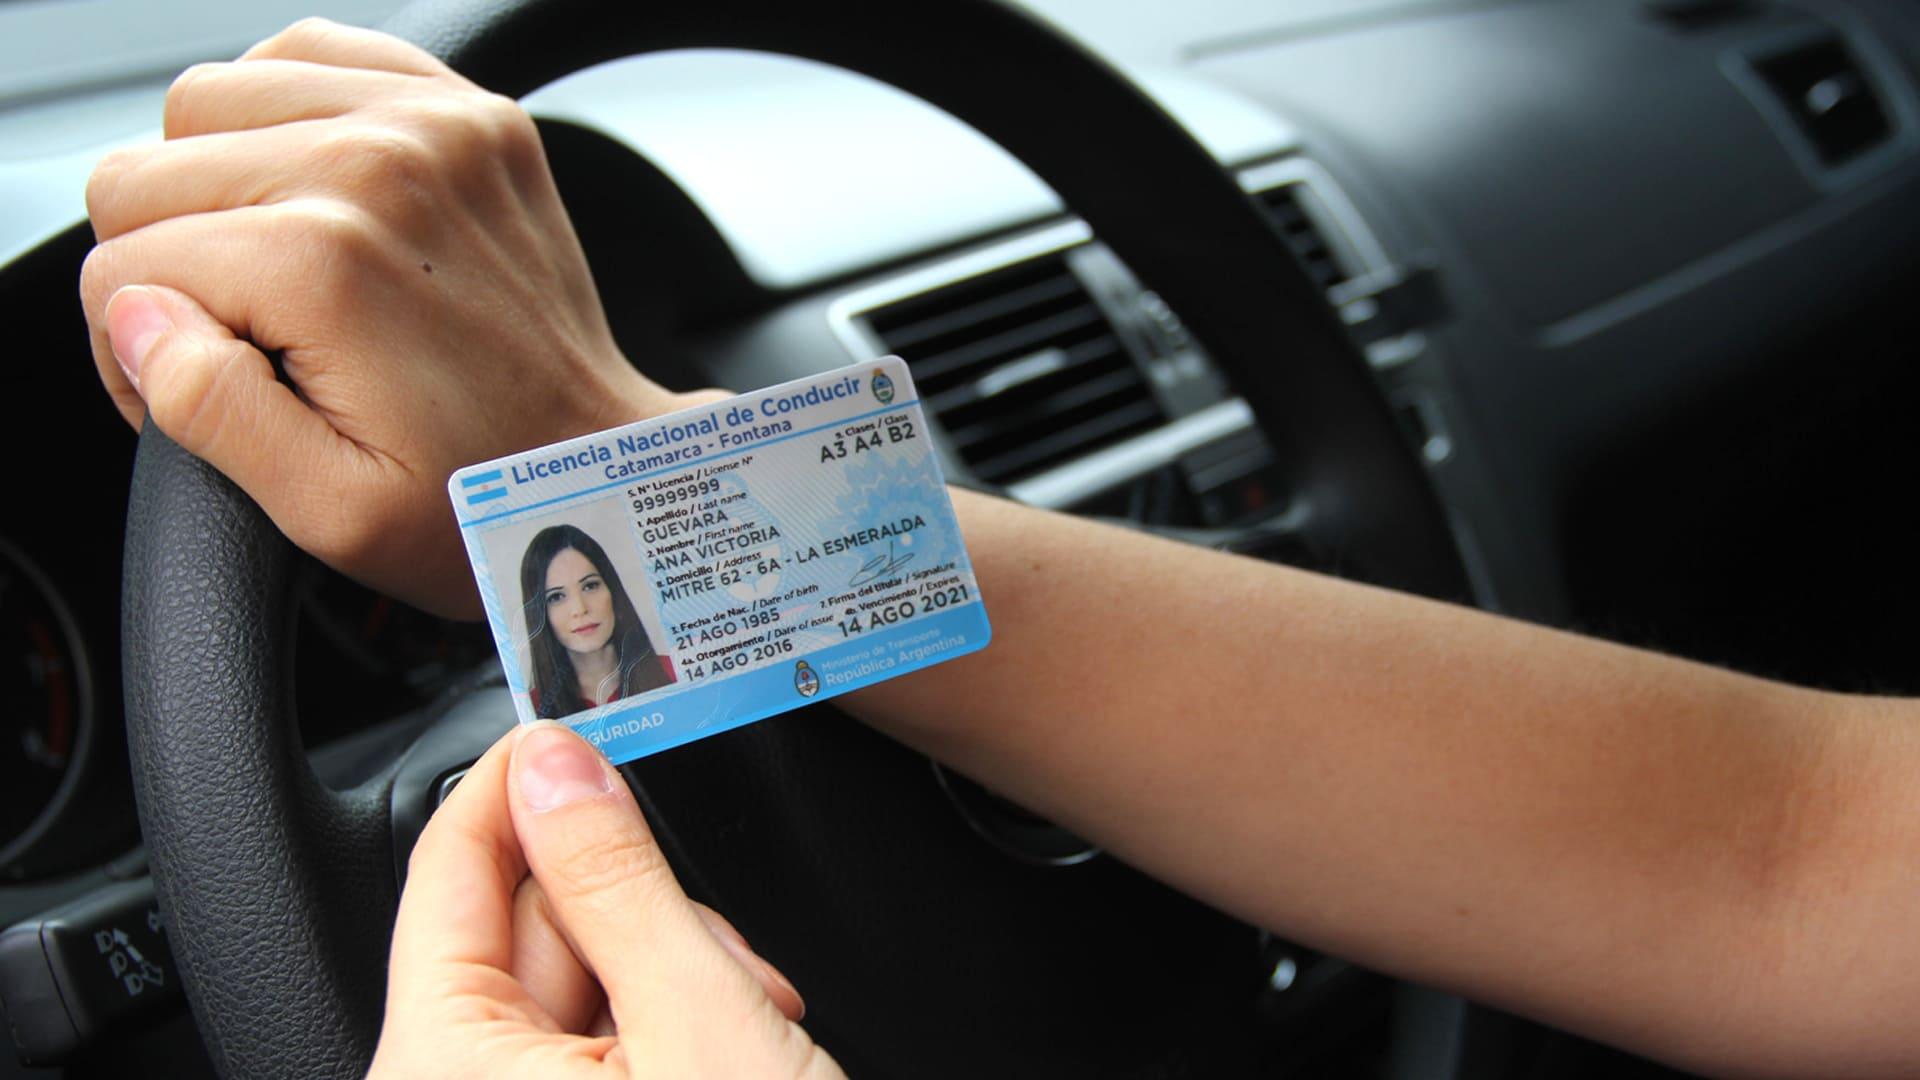 Los 135 municipios ya pueden imprimir licencias de conducir en el acto